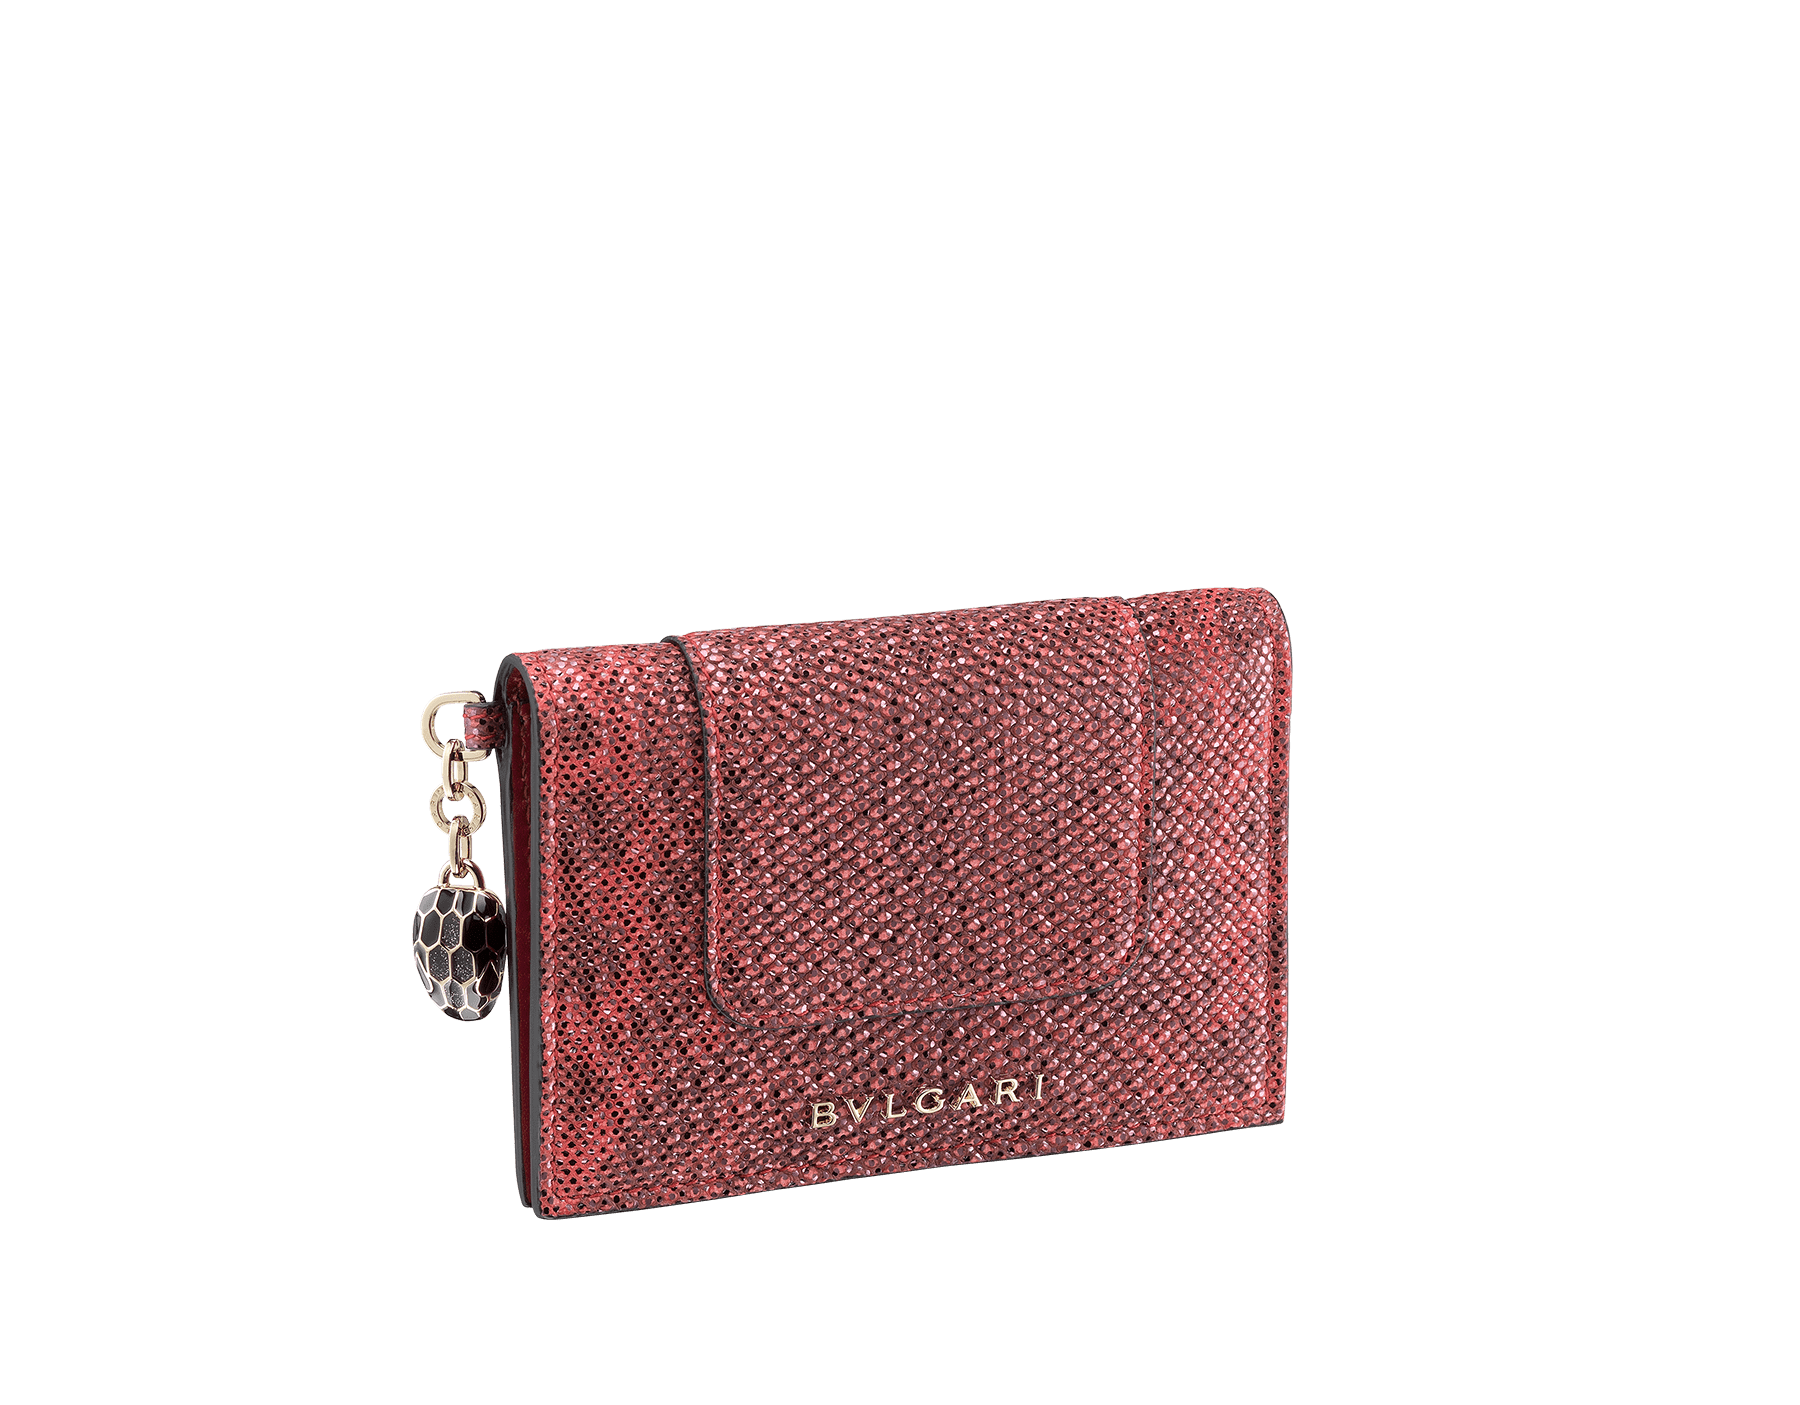 Étui pour cartes de crédit à deux volets Serpenti Forever en karung métallisé couleur rouge rubis. Bijou Serpenti emblématique en émail noir et argenté scintillant avec yeux en émail noir 287234 image 1